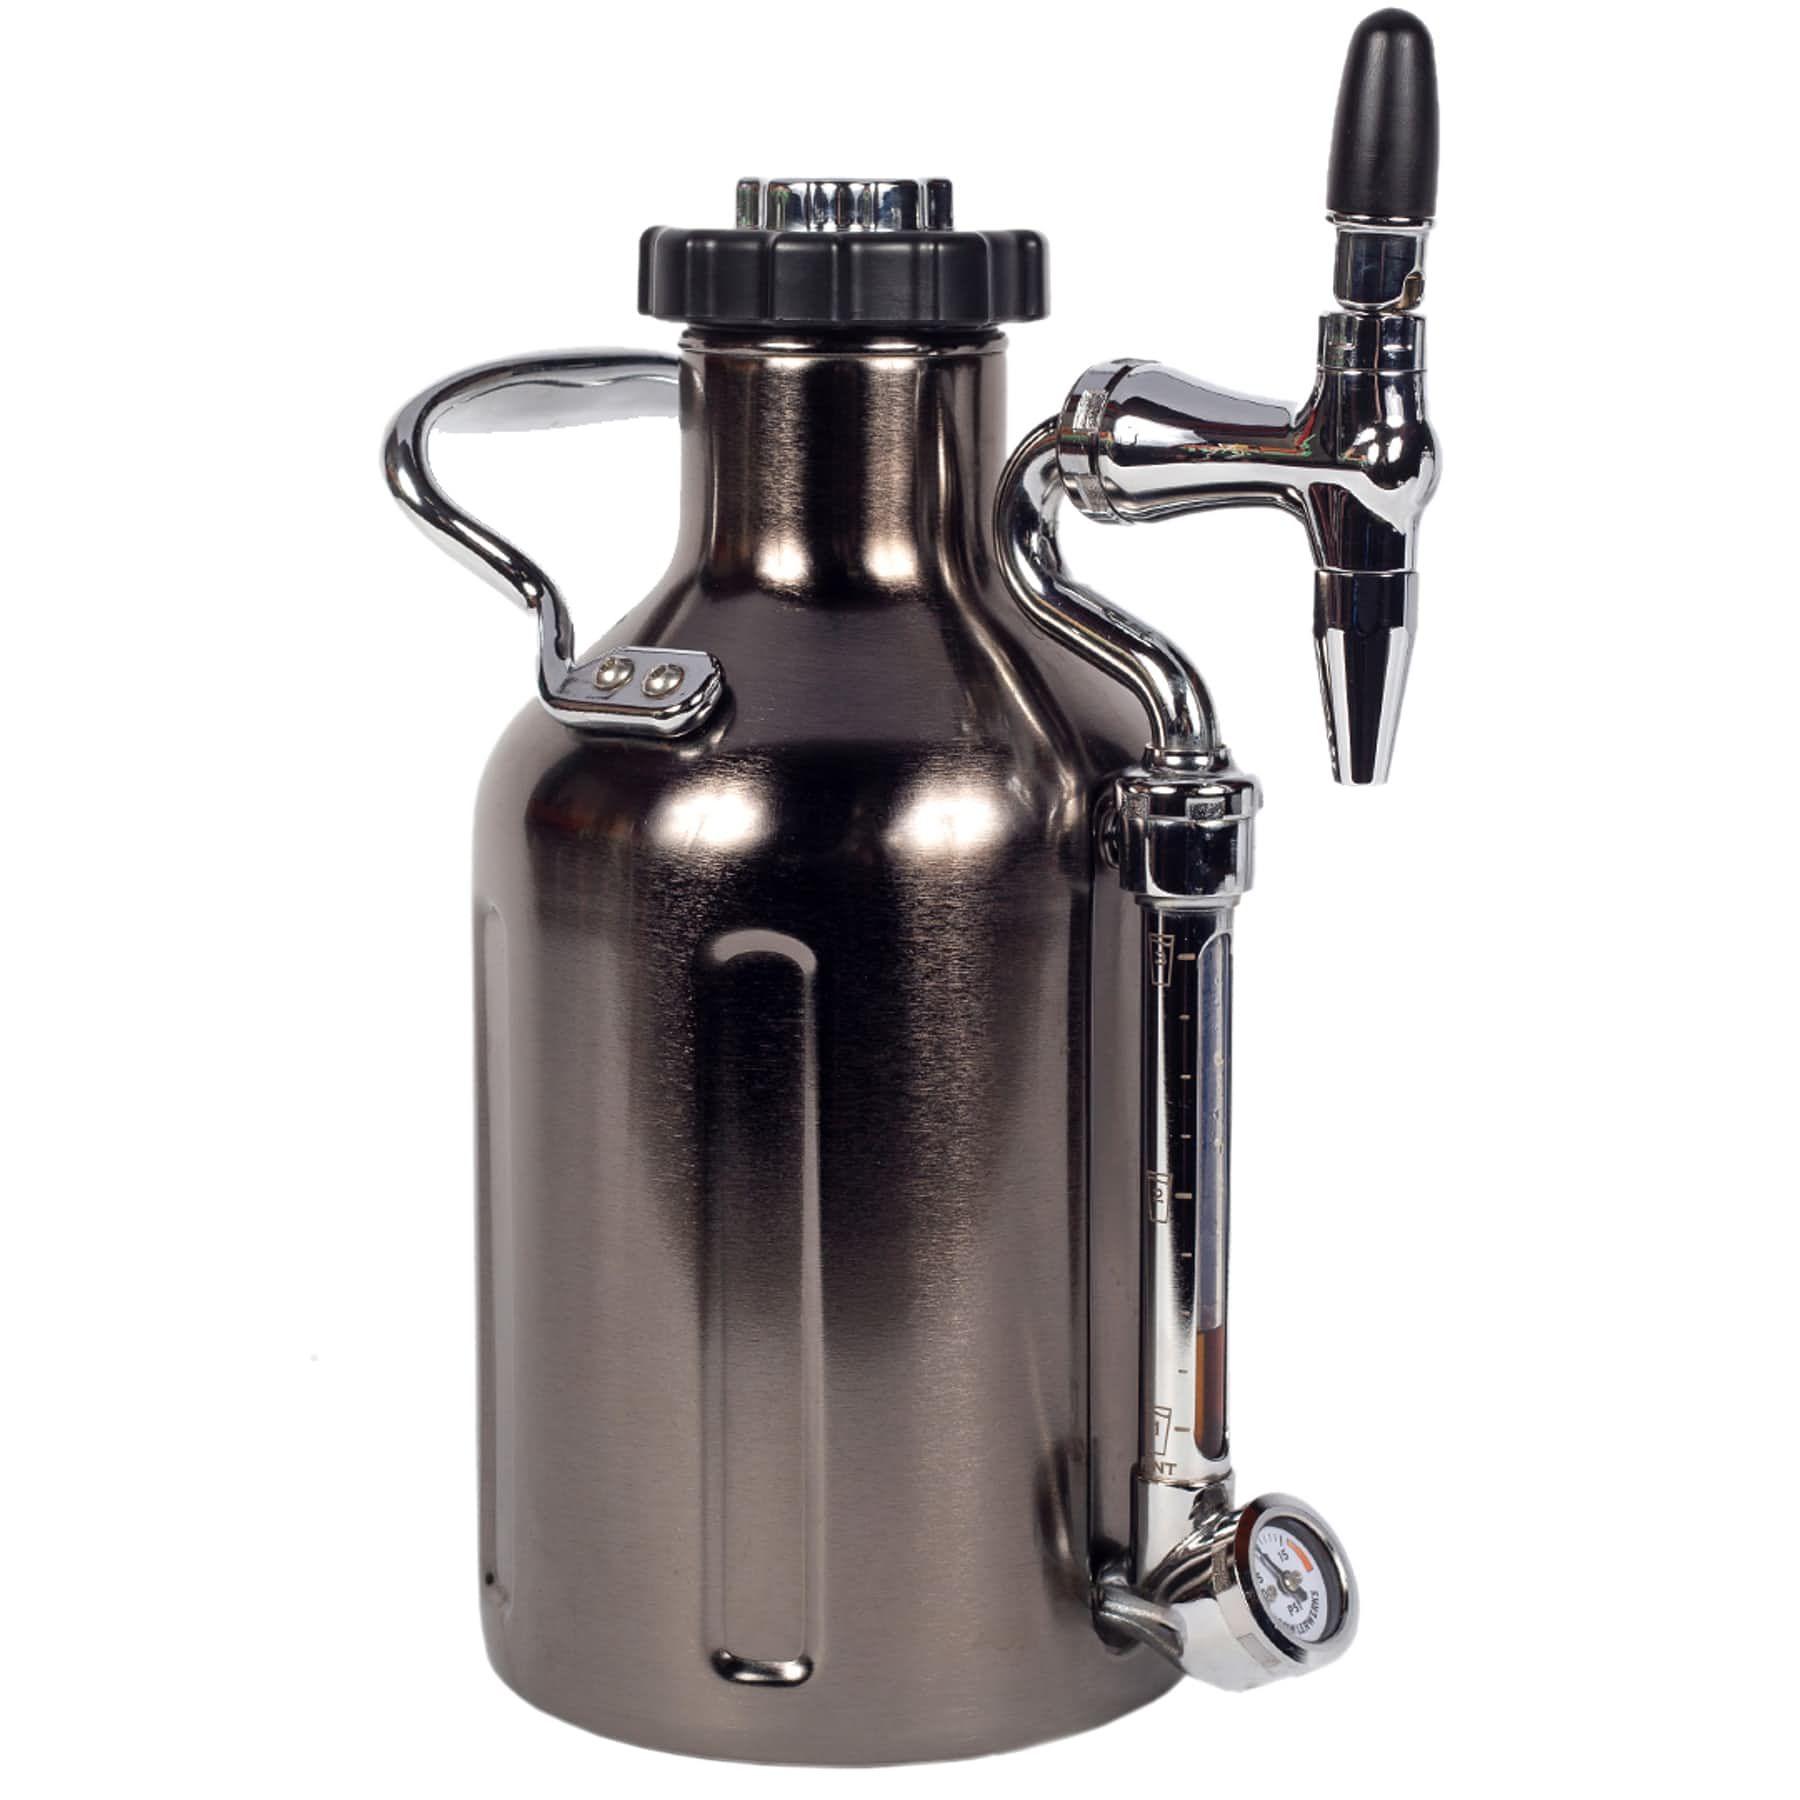 50+ Ukeg nitro cold brew coffee maker ideas in 2021